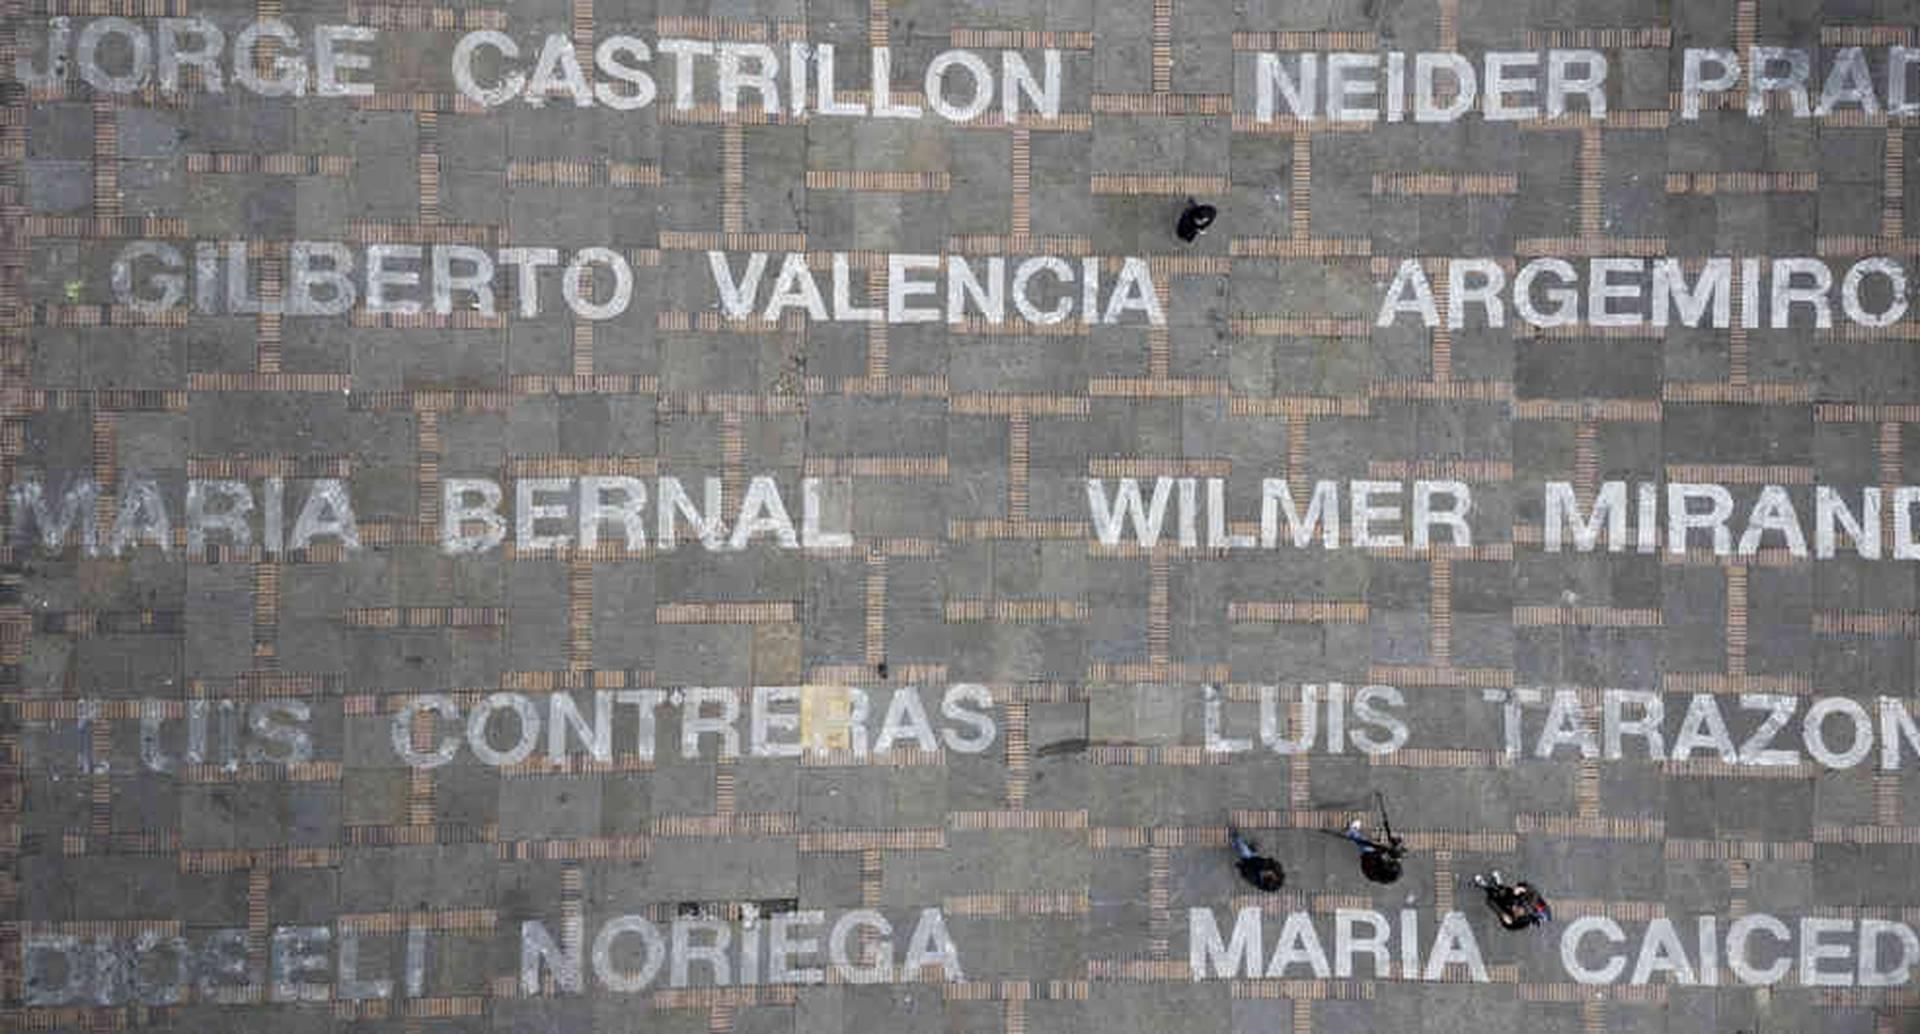 La obra de Salcedo, presentada en junio de 2019, trató de materializar a los líderes y lideresas asesinados.